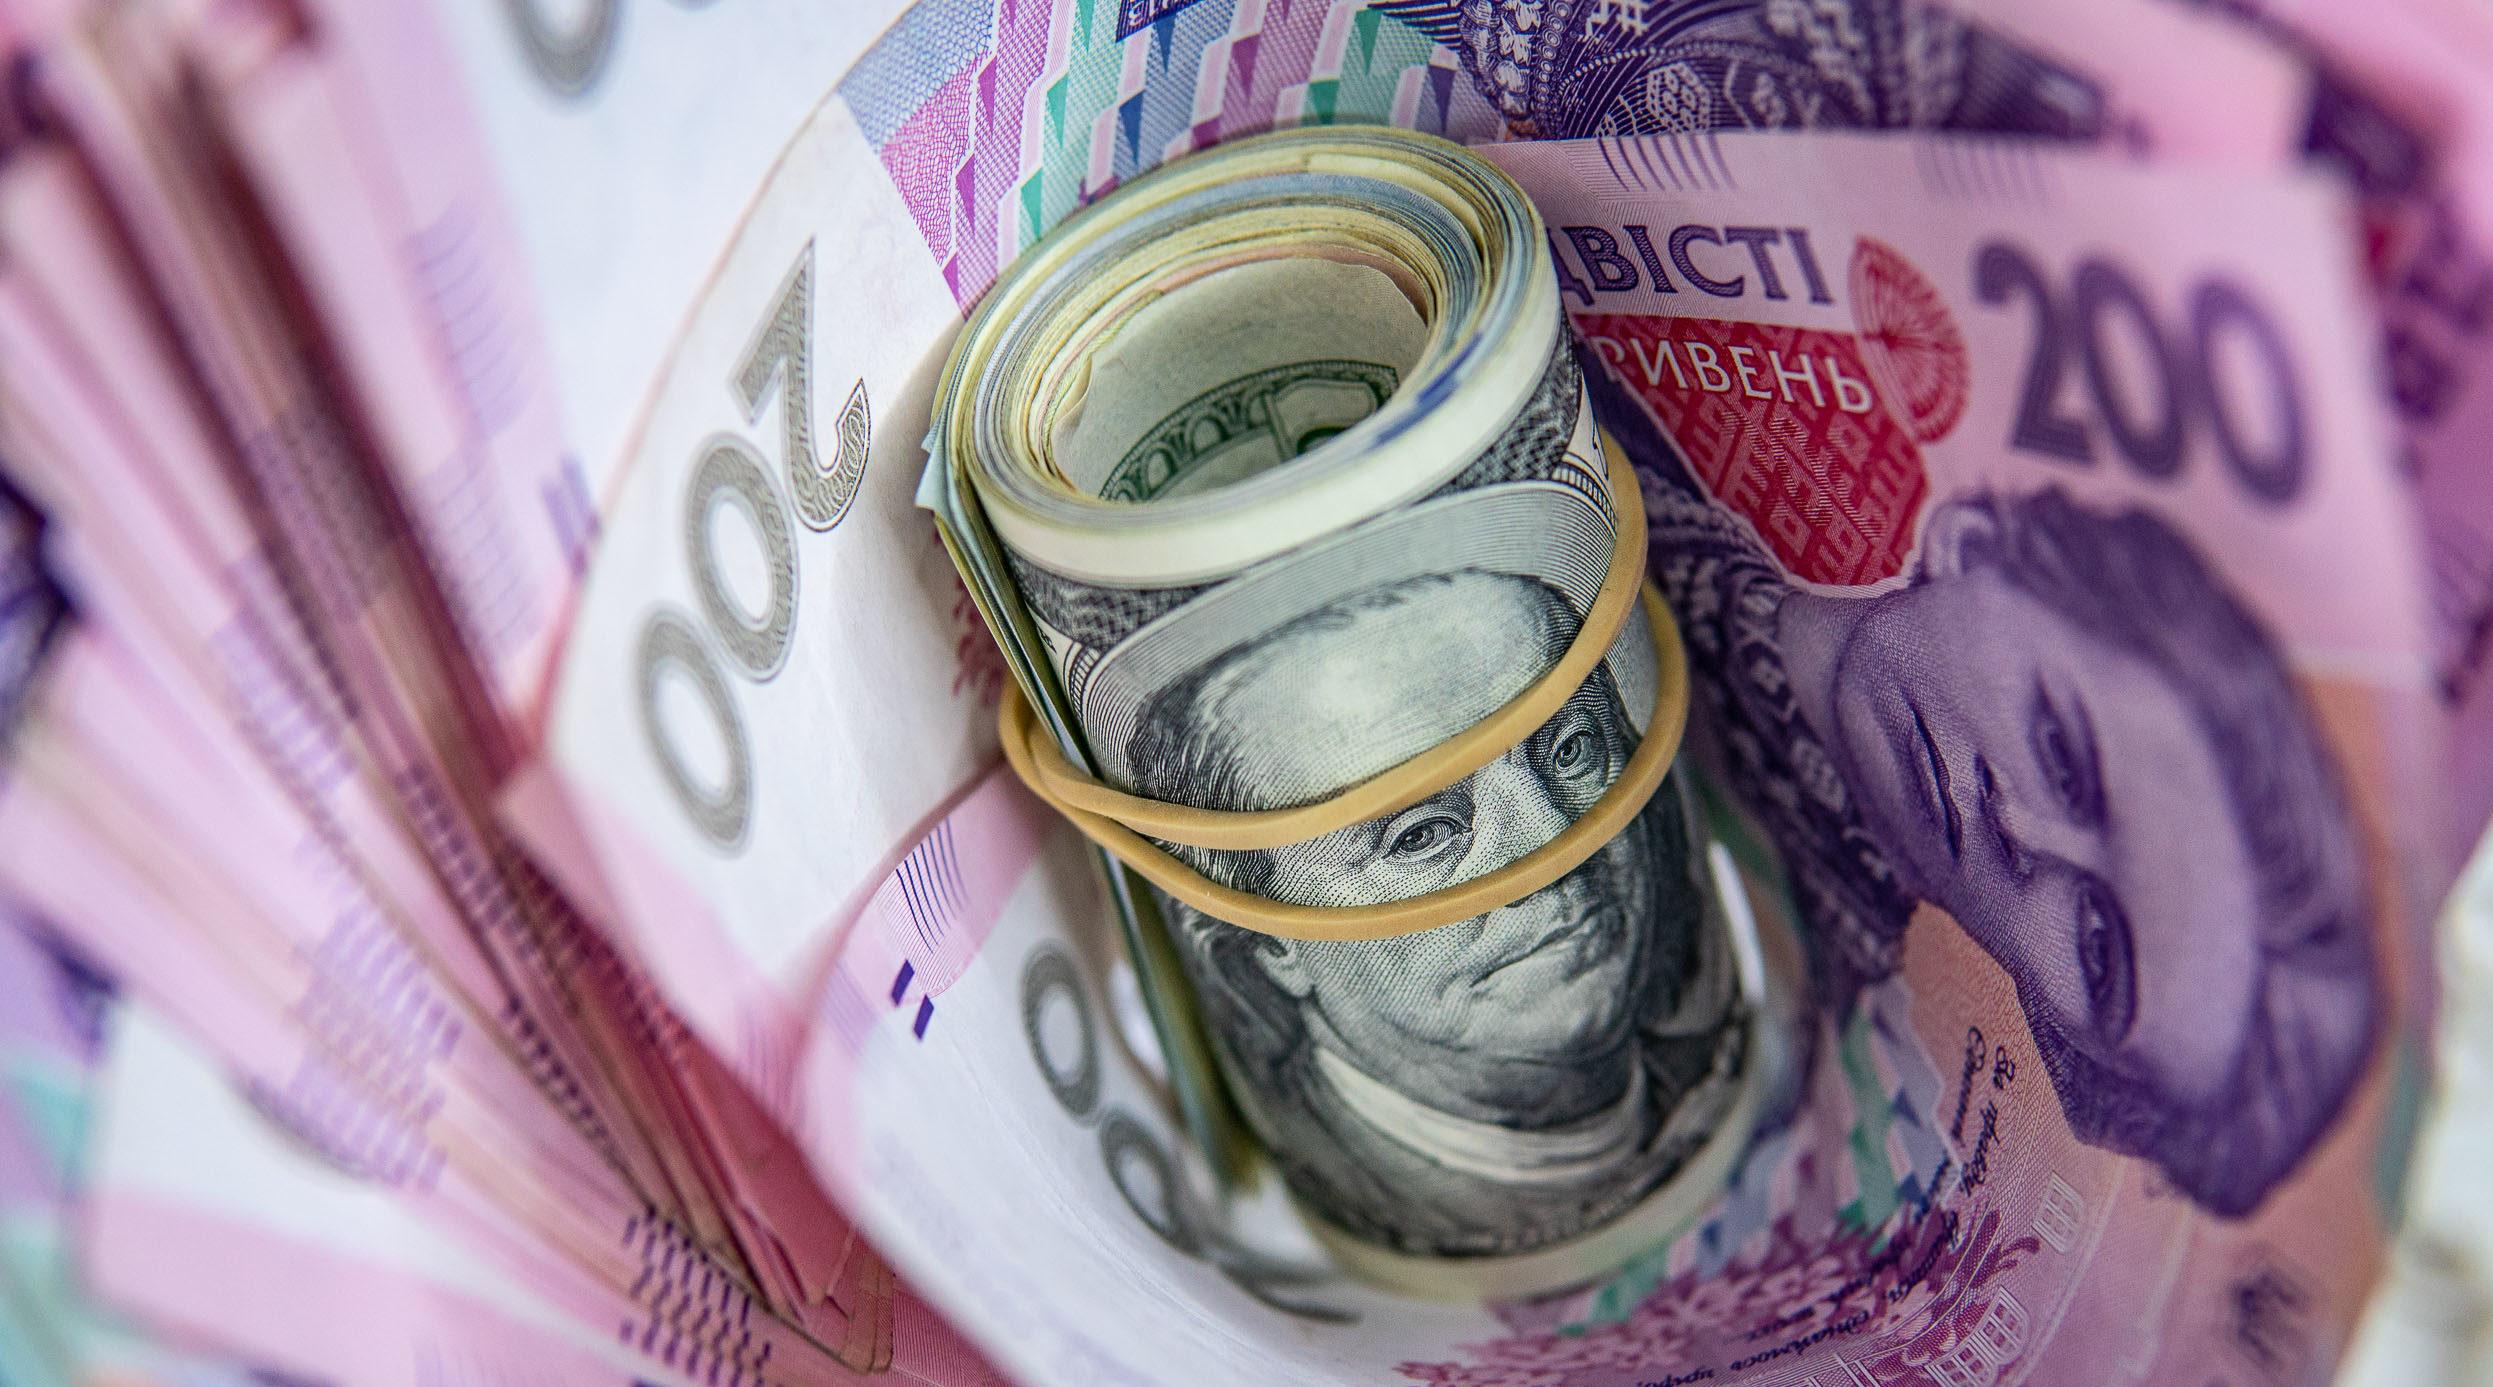 Кредит до 100 000 гривен наличными или на карту